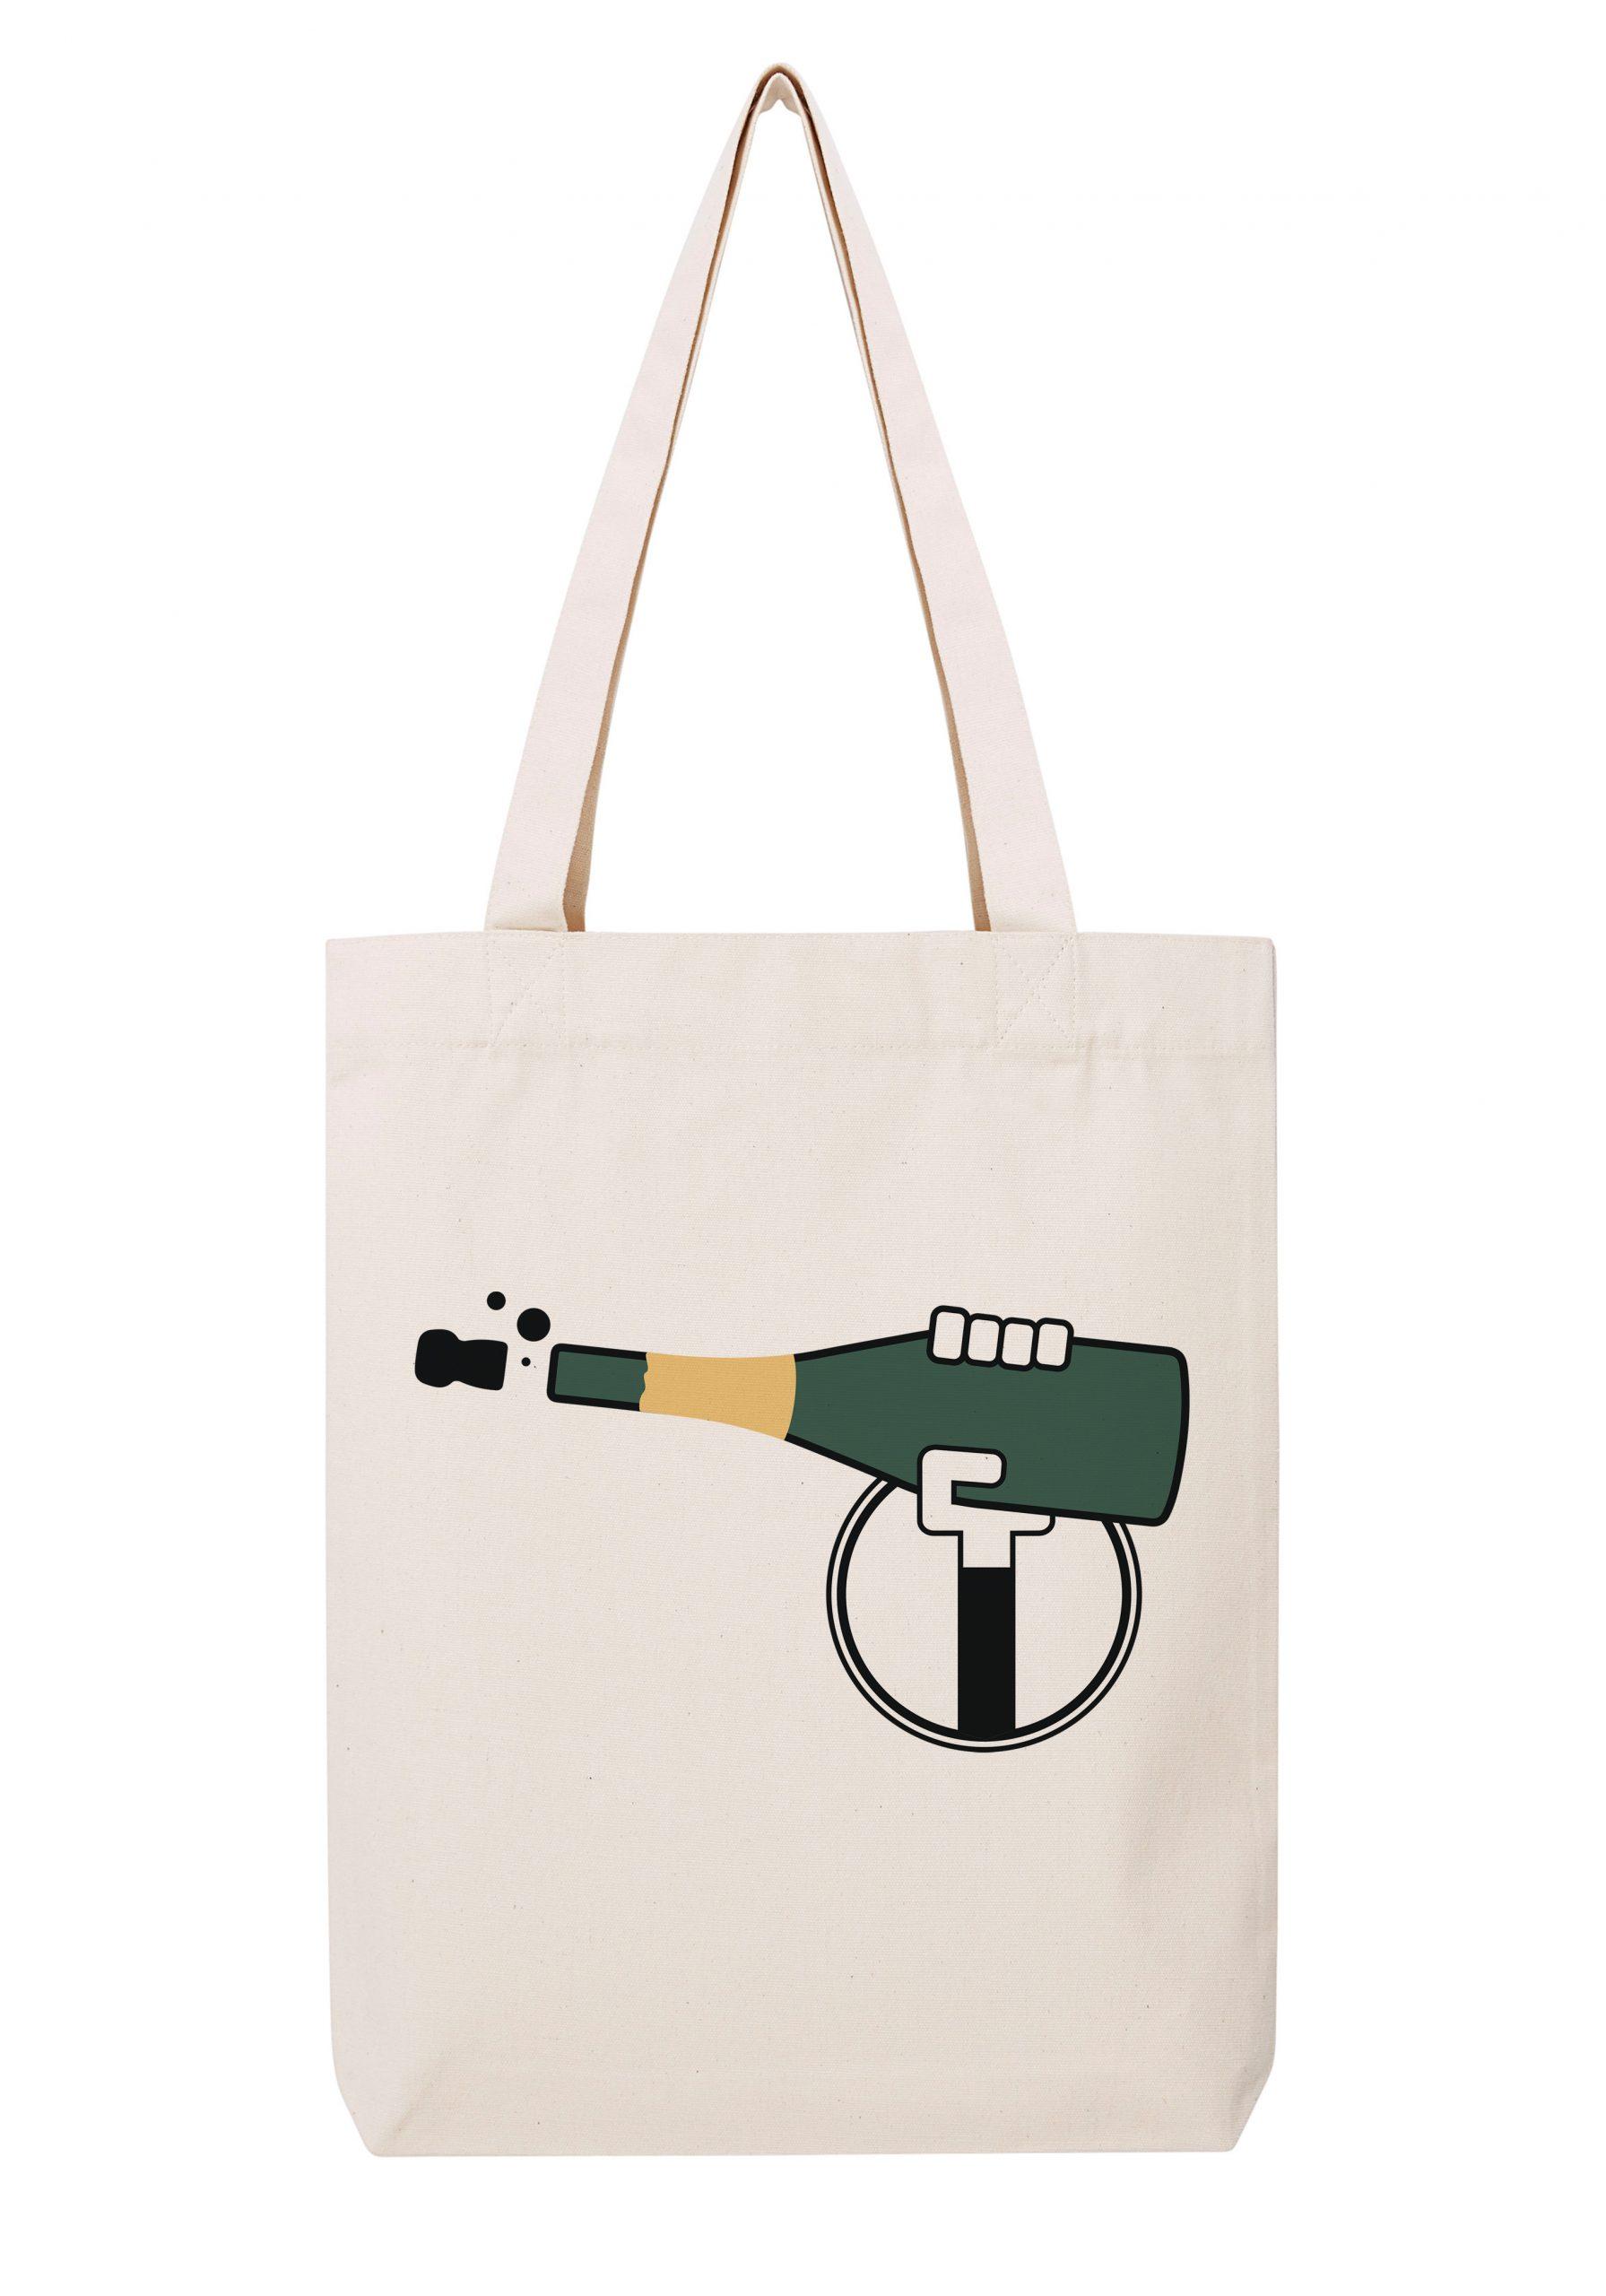 champagne homme rouge sac coton tote bag bio bocavi du vin dans ta penderie bouteilles viticole vigneron wine